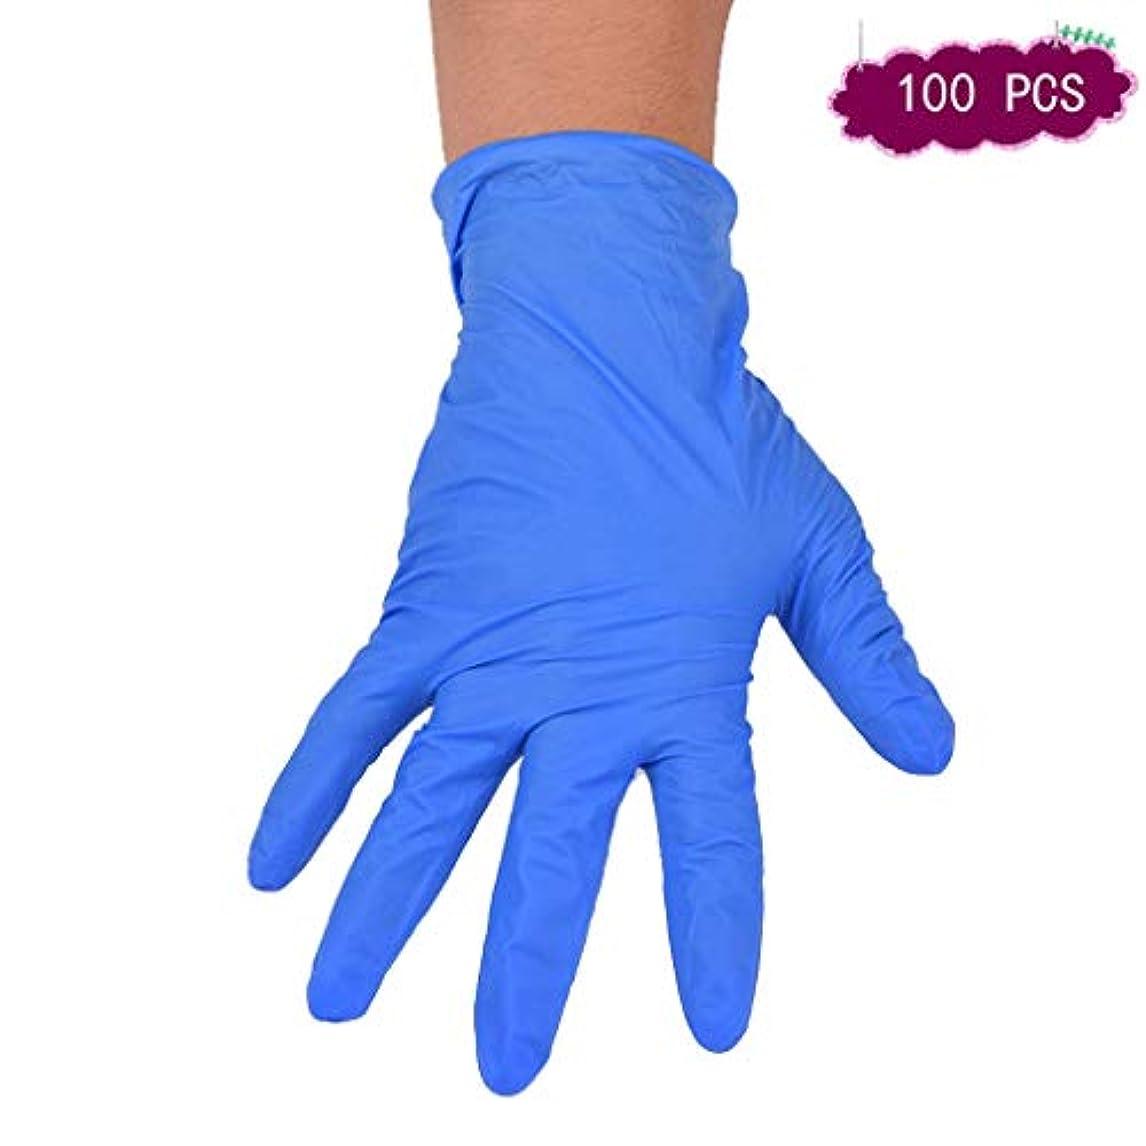 失礼なはい斧使い捨てラテックス手袋ニトリルブルーパウダーフリー医療検査用手袋ゴム工業家庭用9インチアンチ油 (Color : 9 inch, Size : M)